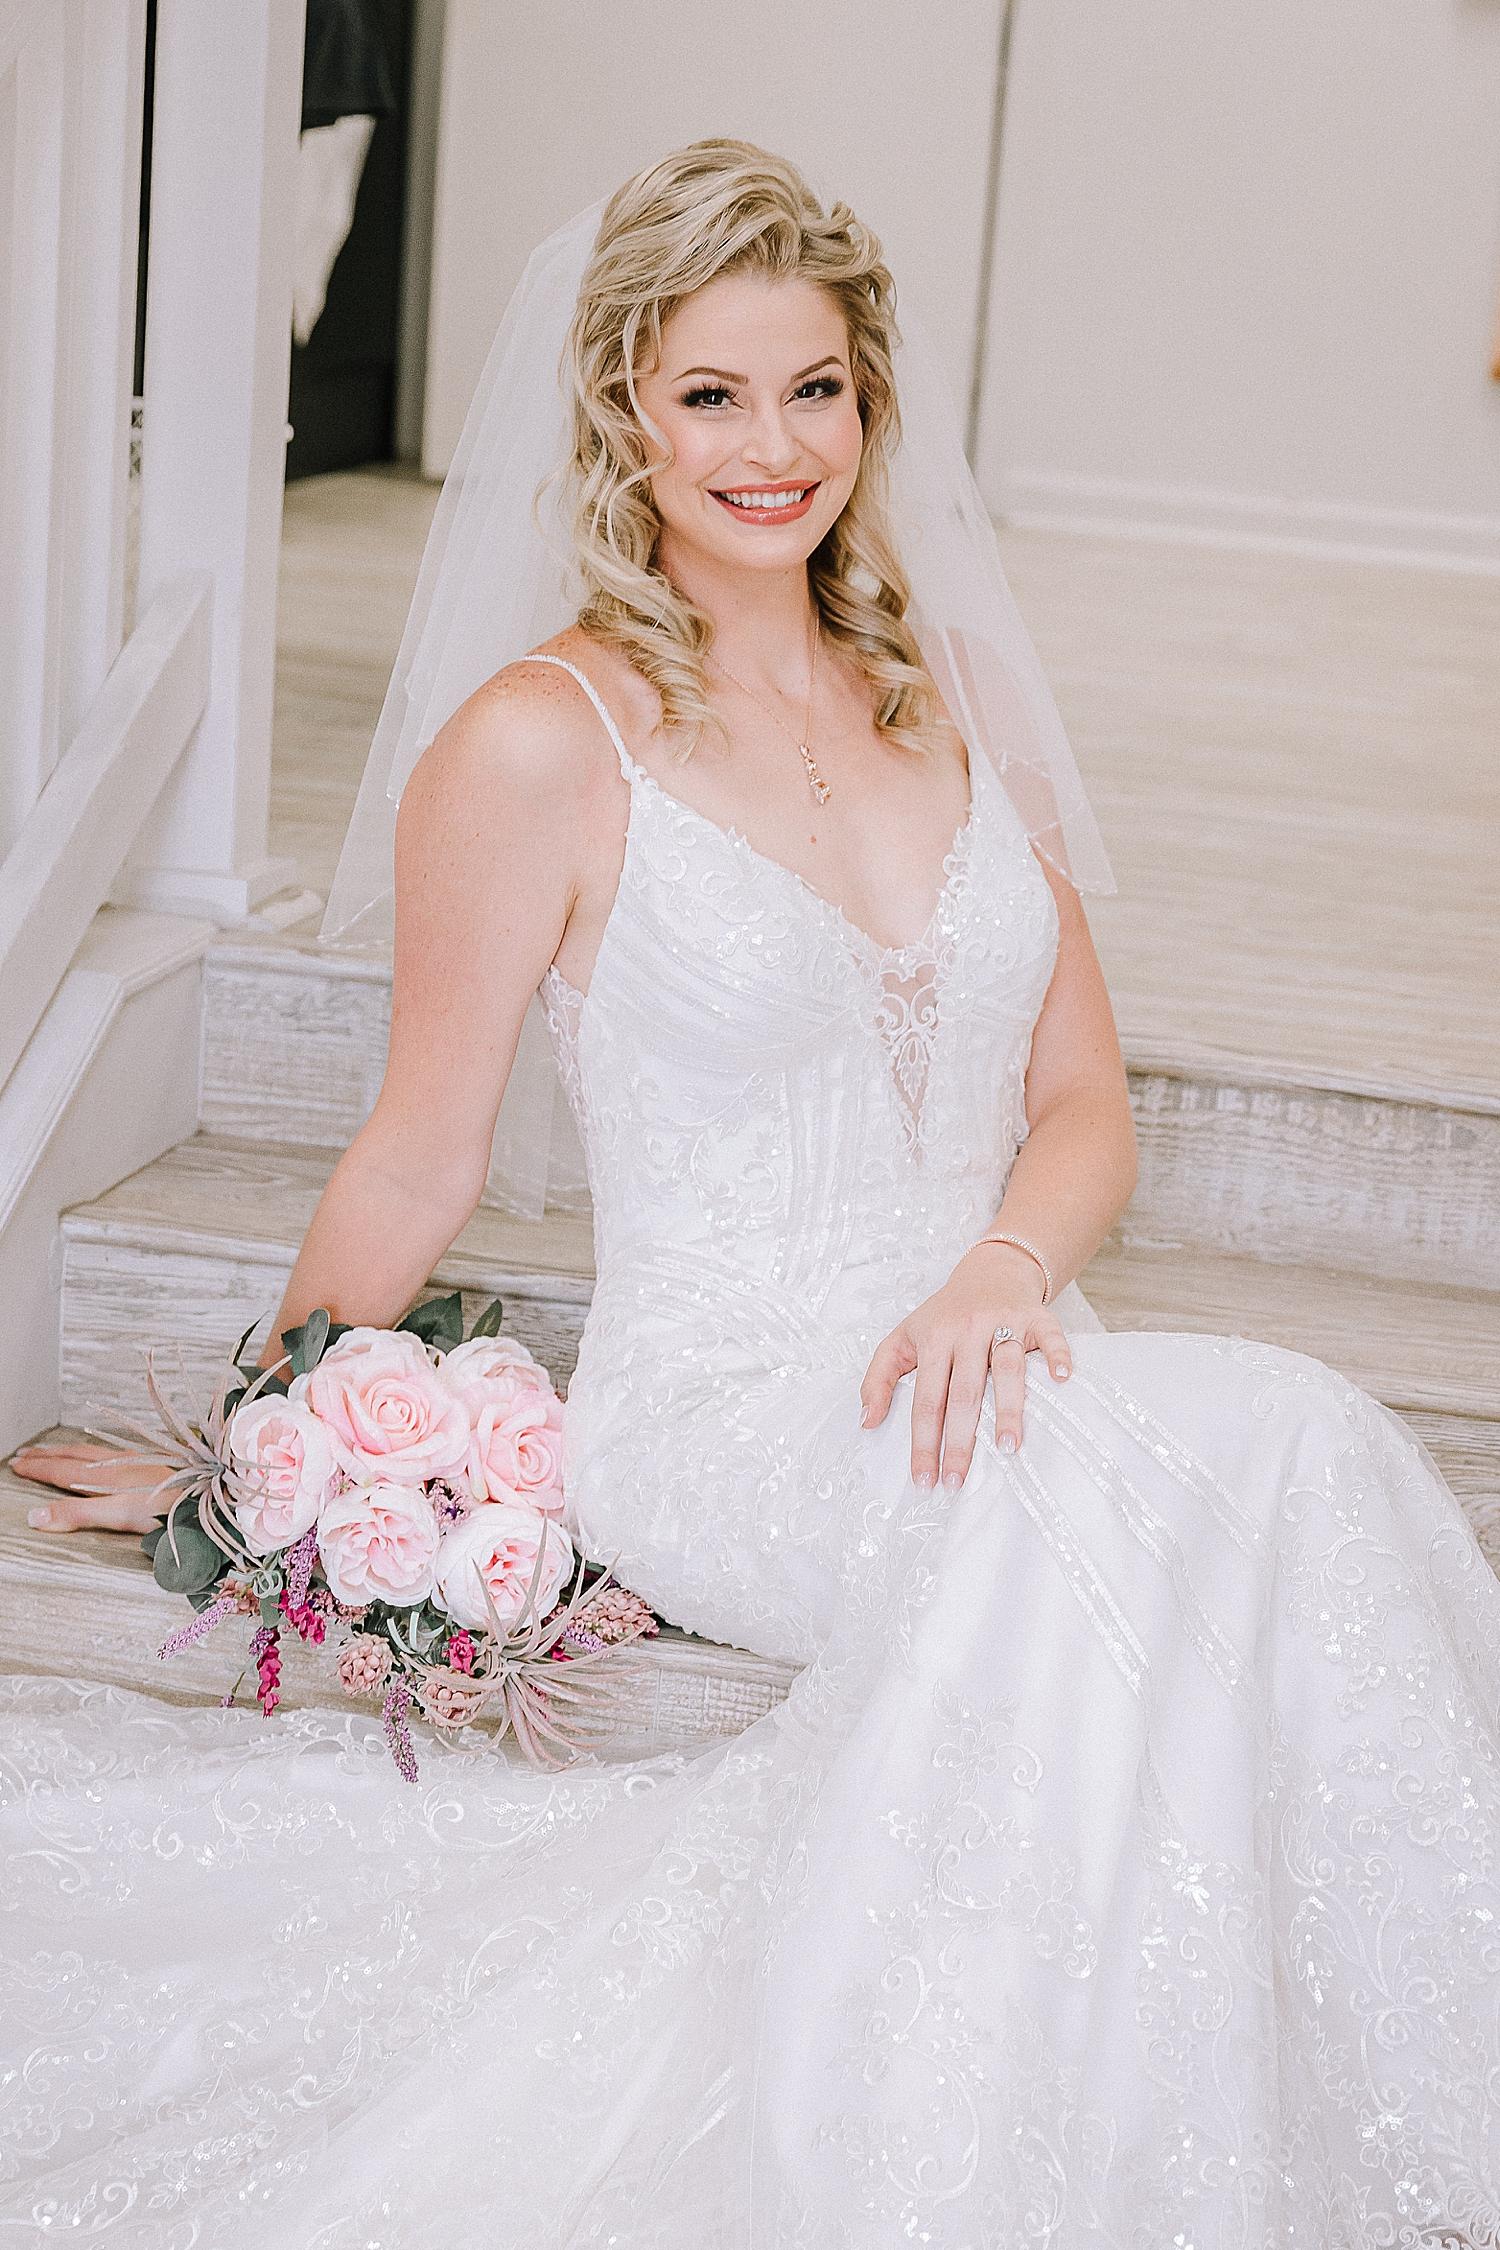 Carly-Barton-Photography-Rocky-Mountain-National-Park-Estes-Park-Wedding-Elopement_0072.jpg